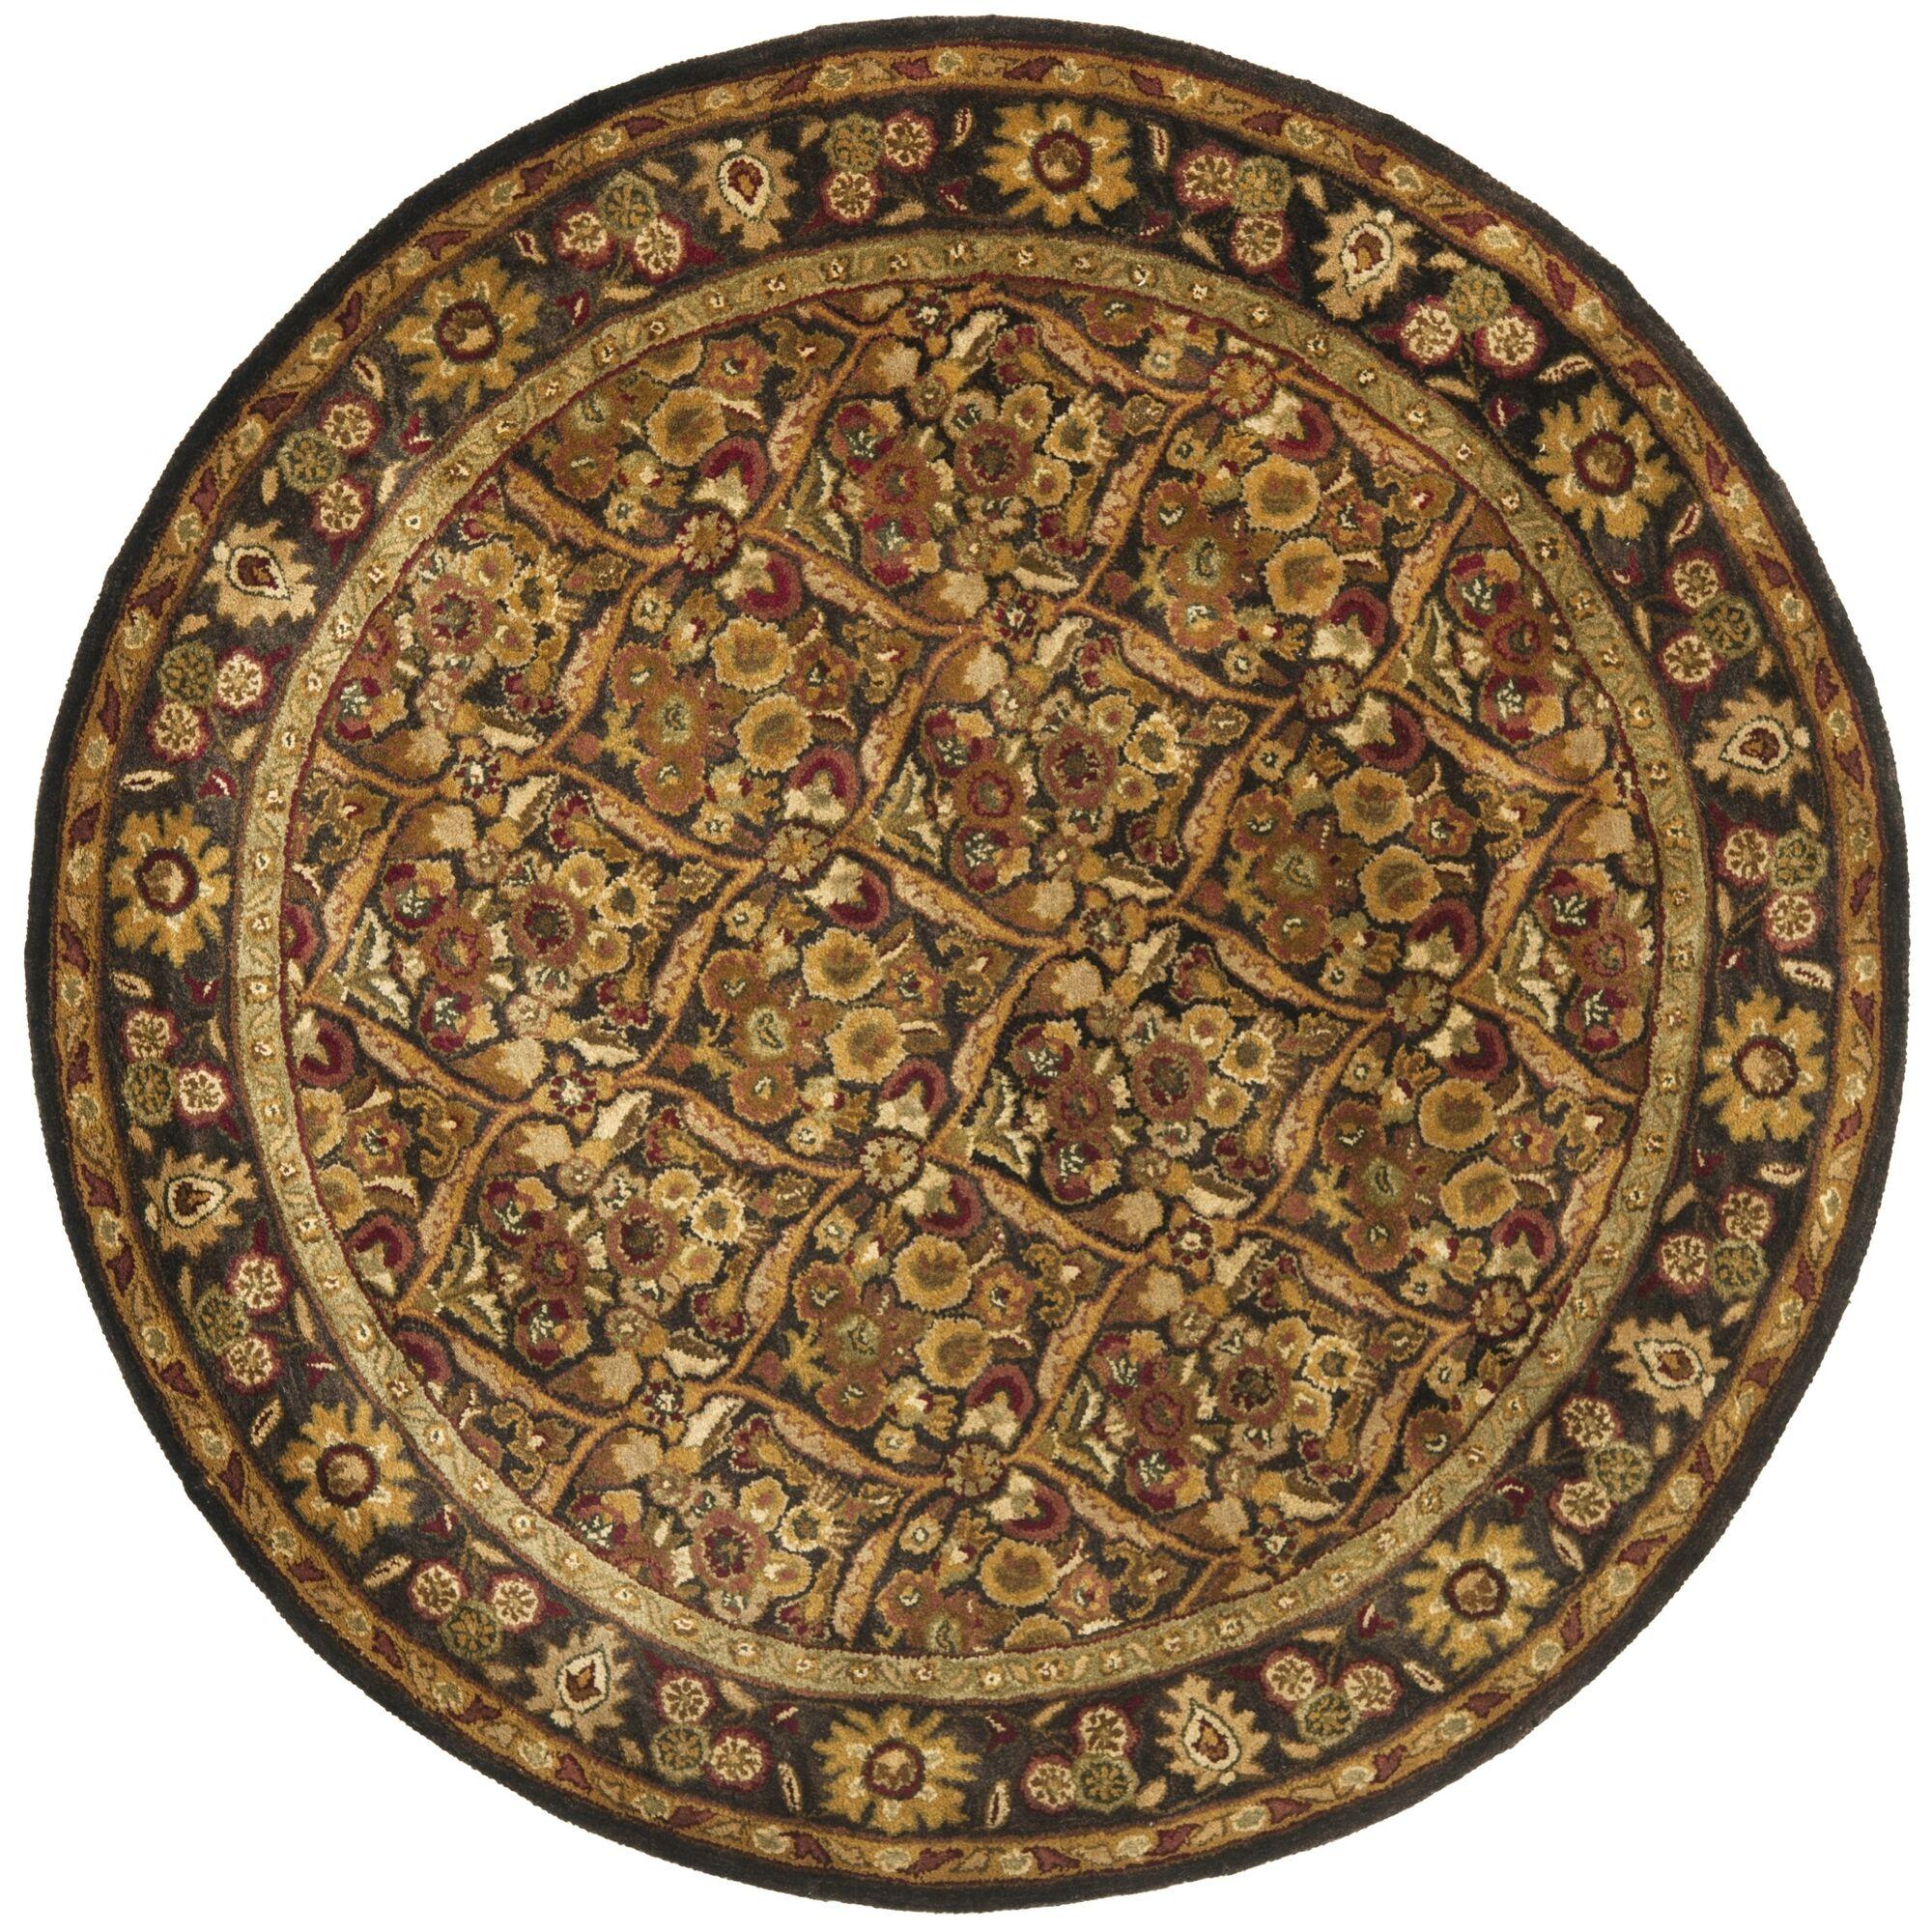 Dunbar Garden Panel Dark Plum/Gold Area Rug Rug Size: Round 3'6